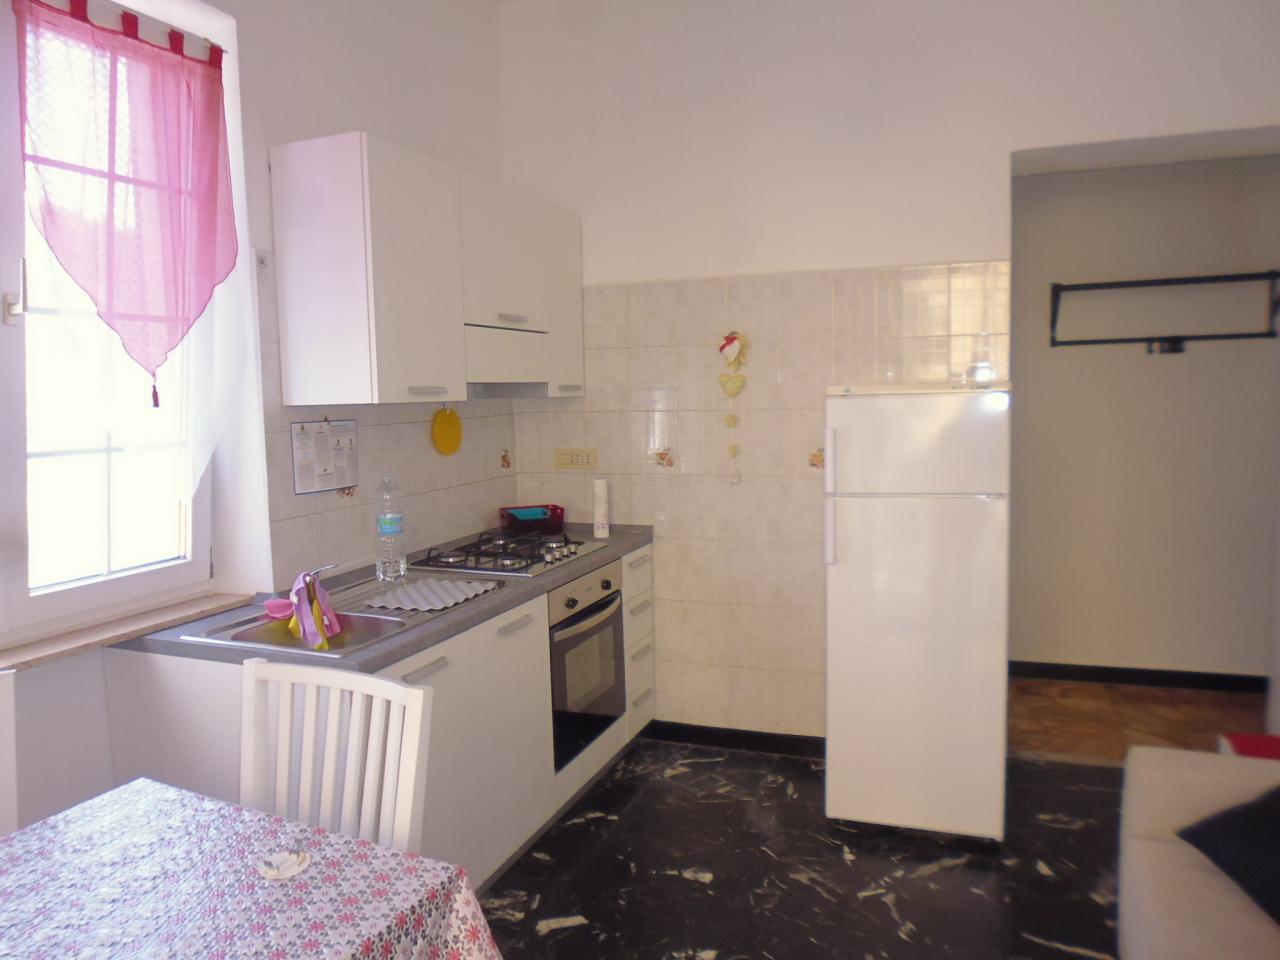 Soluzione Semindipendente in affitto a Casarza Ligure, 3 locali, prezzo € 450 | CambioCasa.it